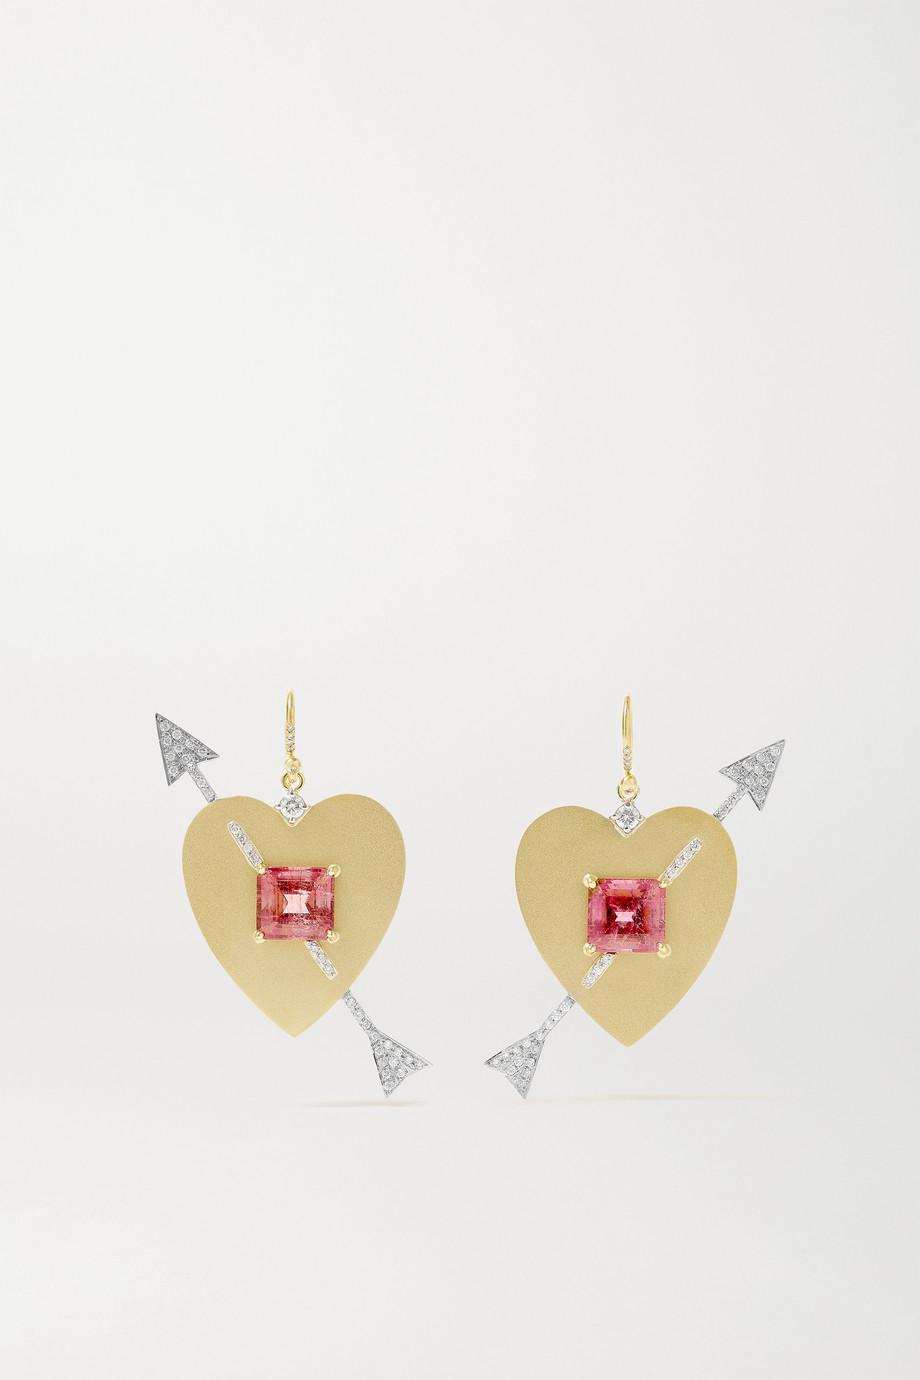 Irene Neuwirth True Love 18-karat yellow and white gold, tourmaline and diamond earrings